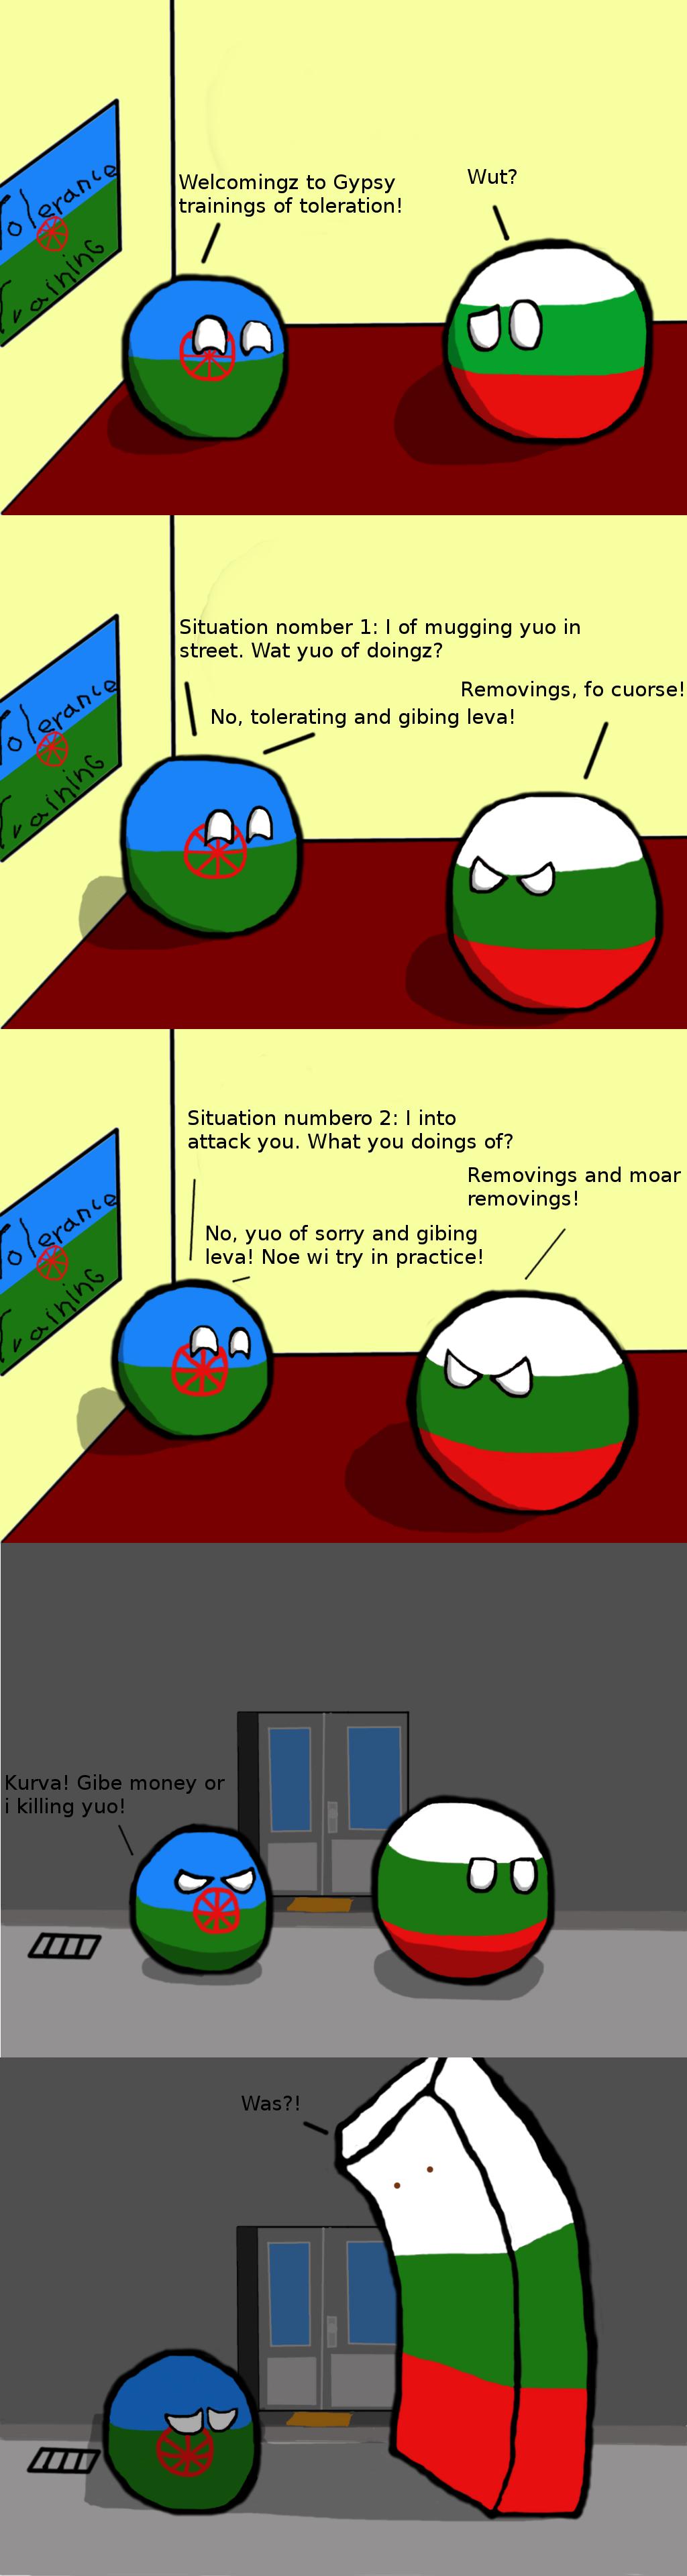 BsyFtn0 by SoaringAven